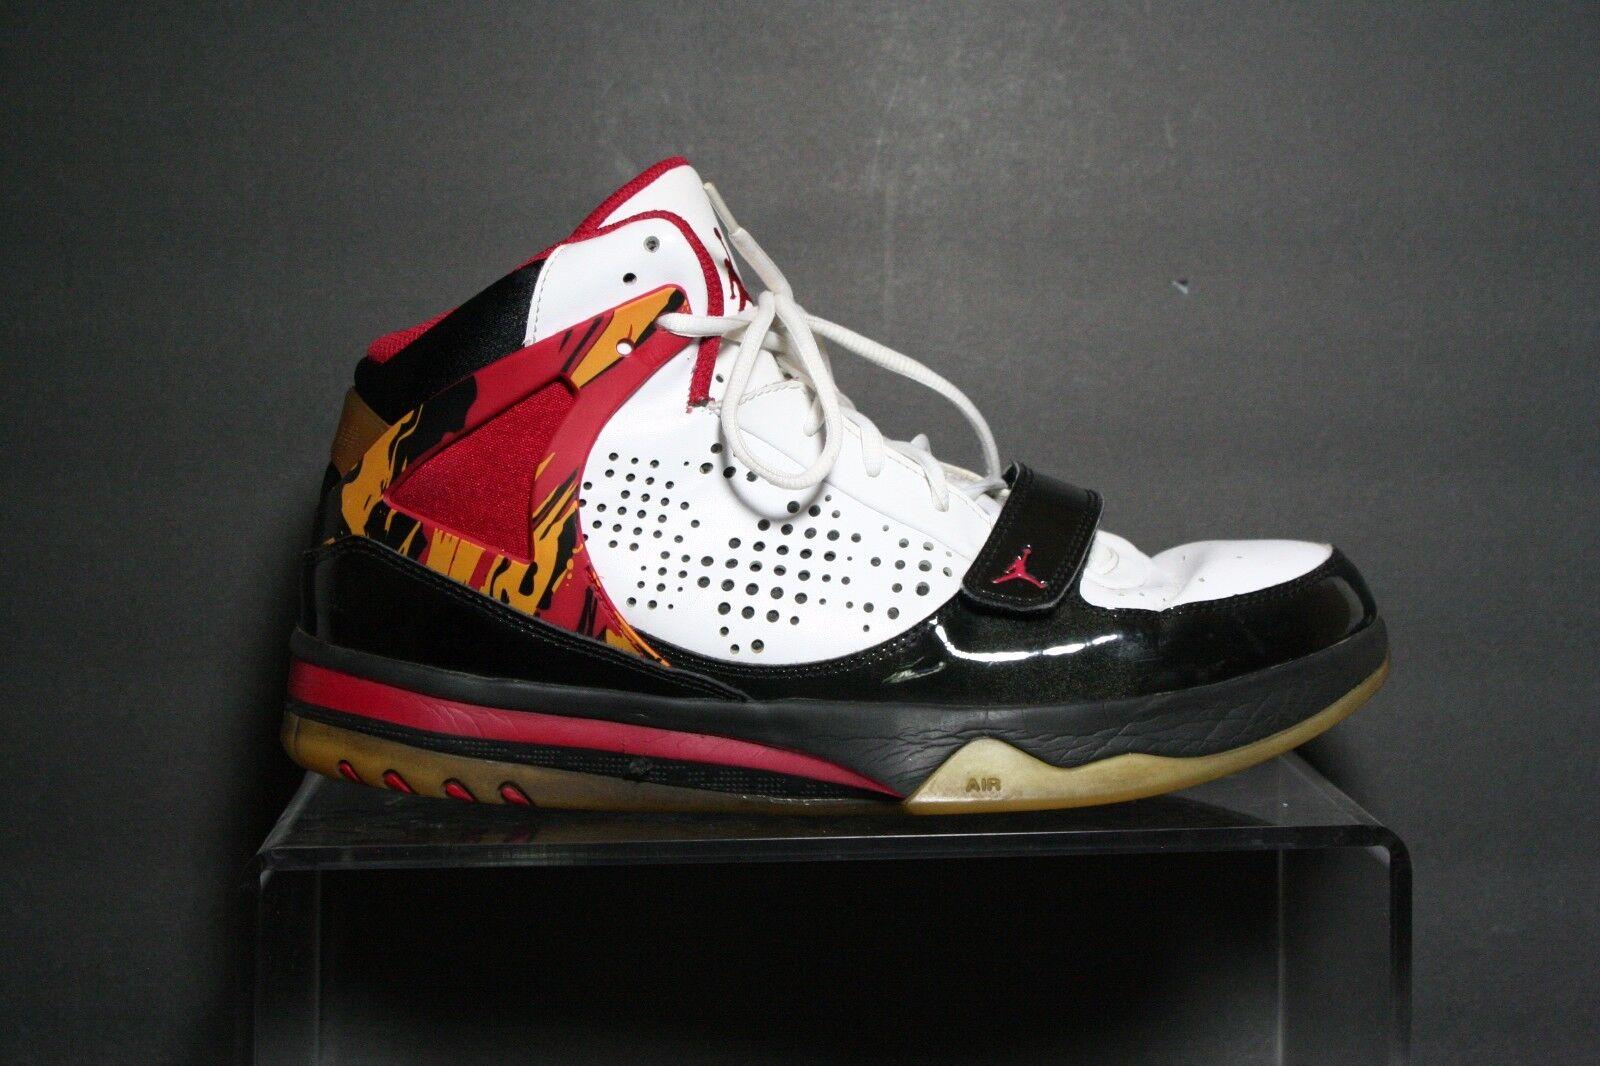 Nike air jordan fase 23 scarpe 11